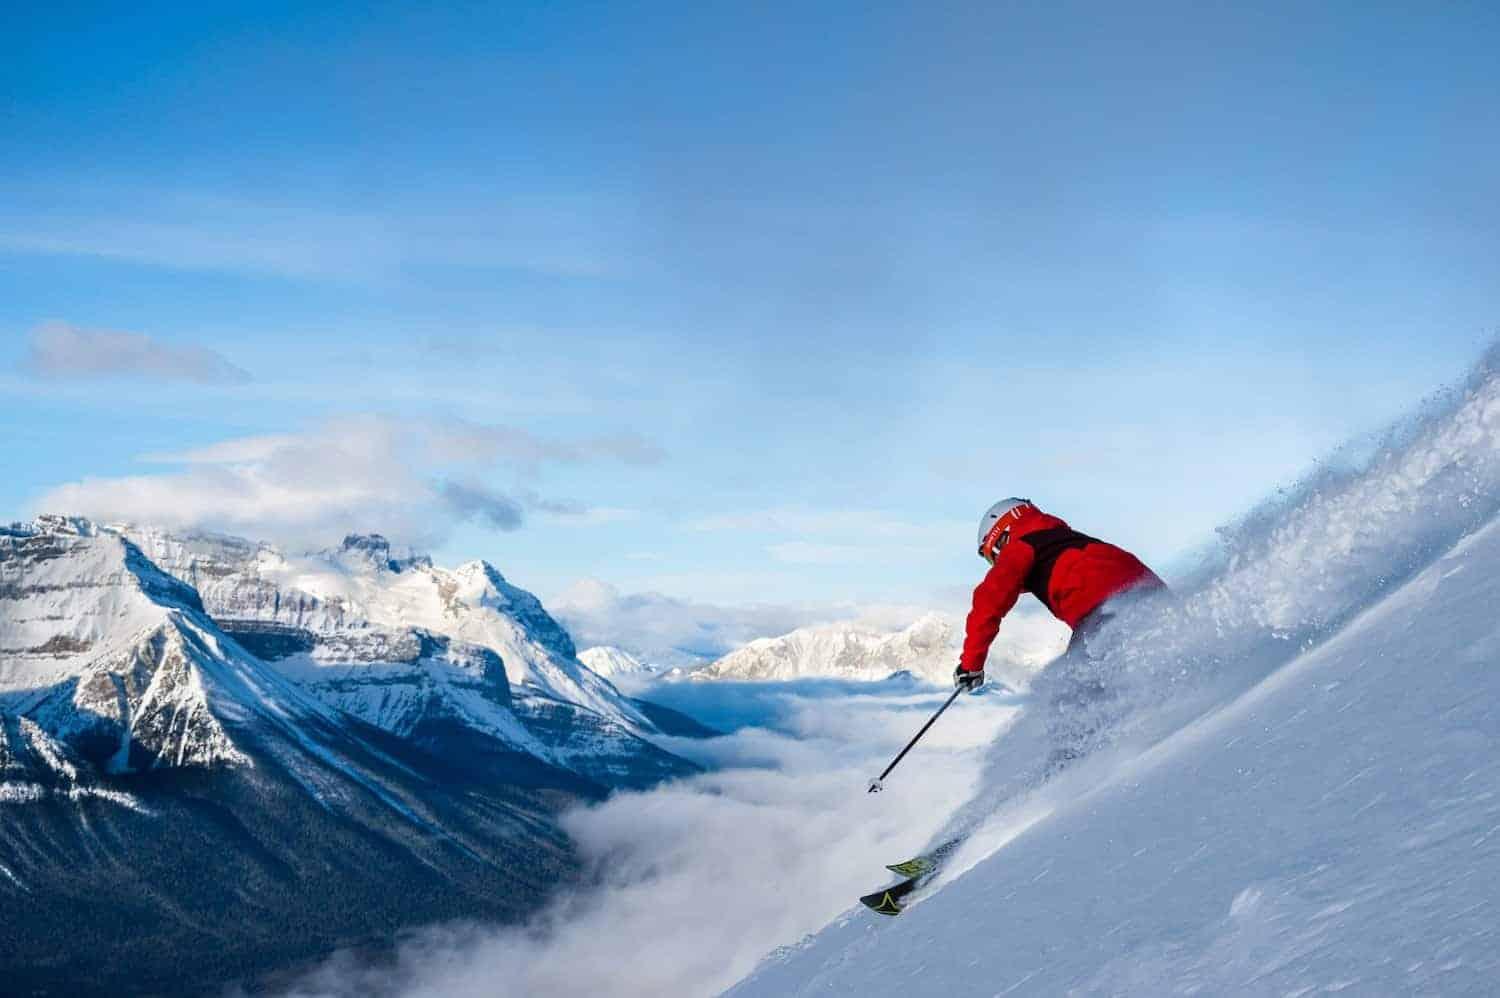 temporada-de-nieve-en-los-alpes